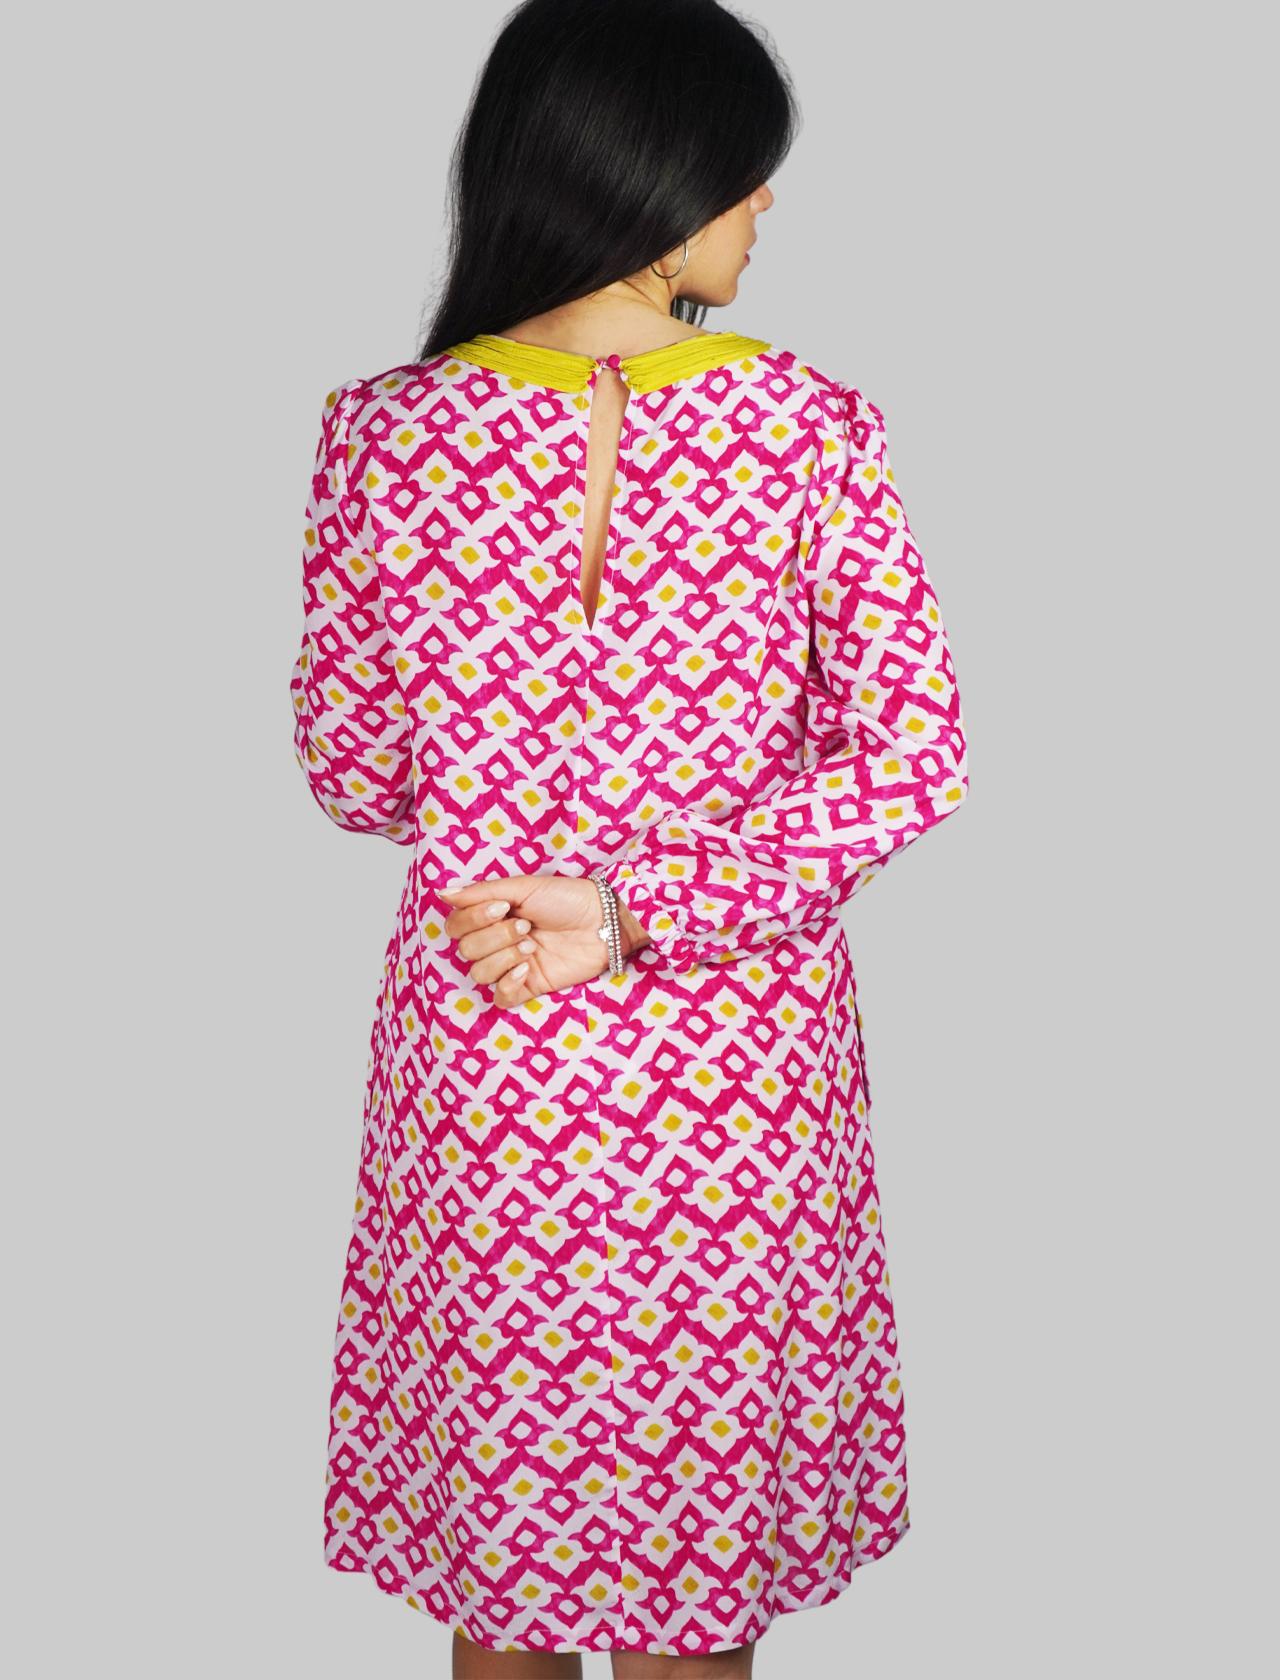 Abbigliamento Donna Abito Midi Vis Ceres Diamond a Fantasia Rosa con Scollo Merletti Maliparmi   Abiti   JF643150552B3218